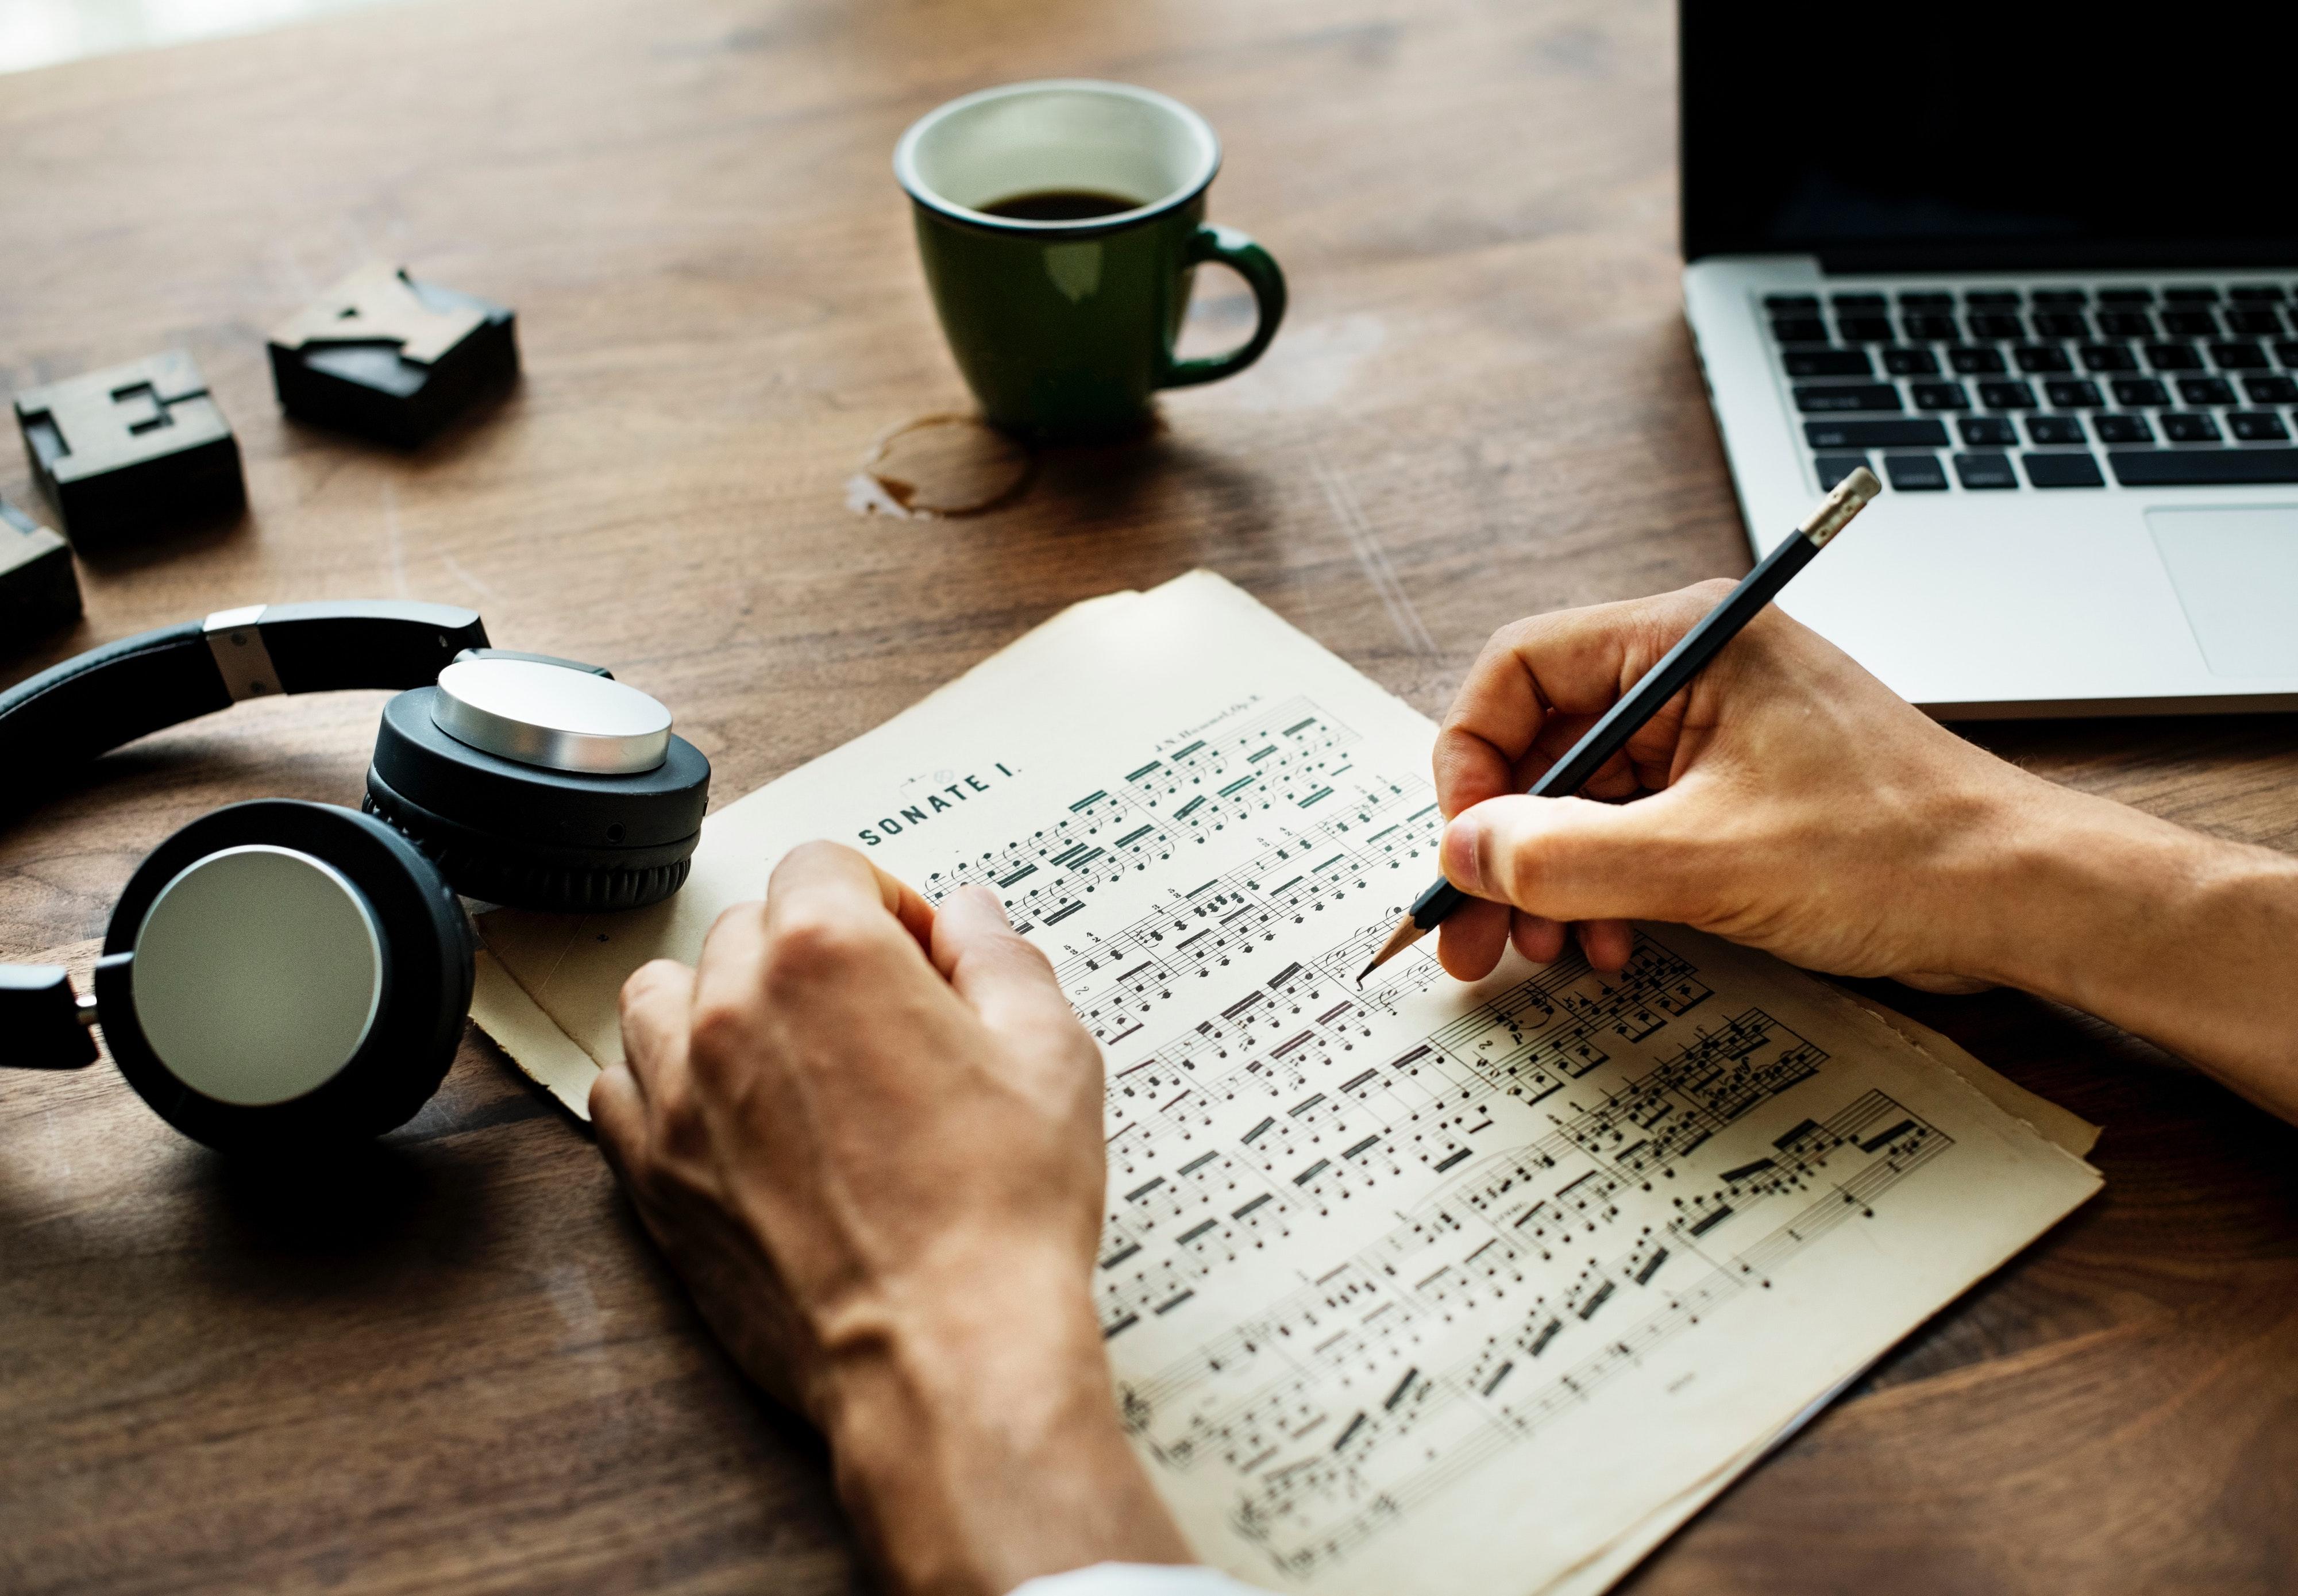 Person skriver på nodepapir. Kaffekop, laptop og høretelefoner også synlige.